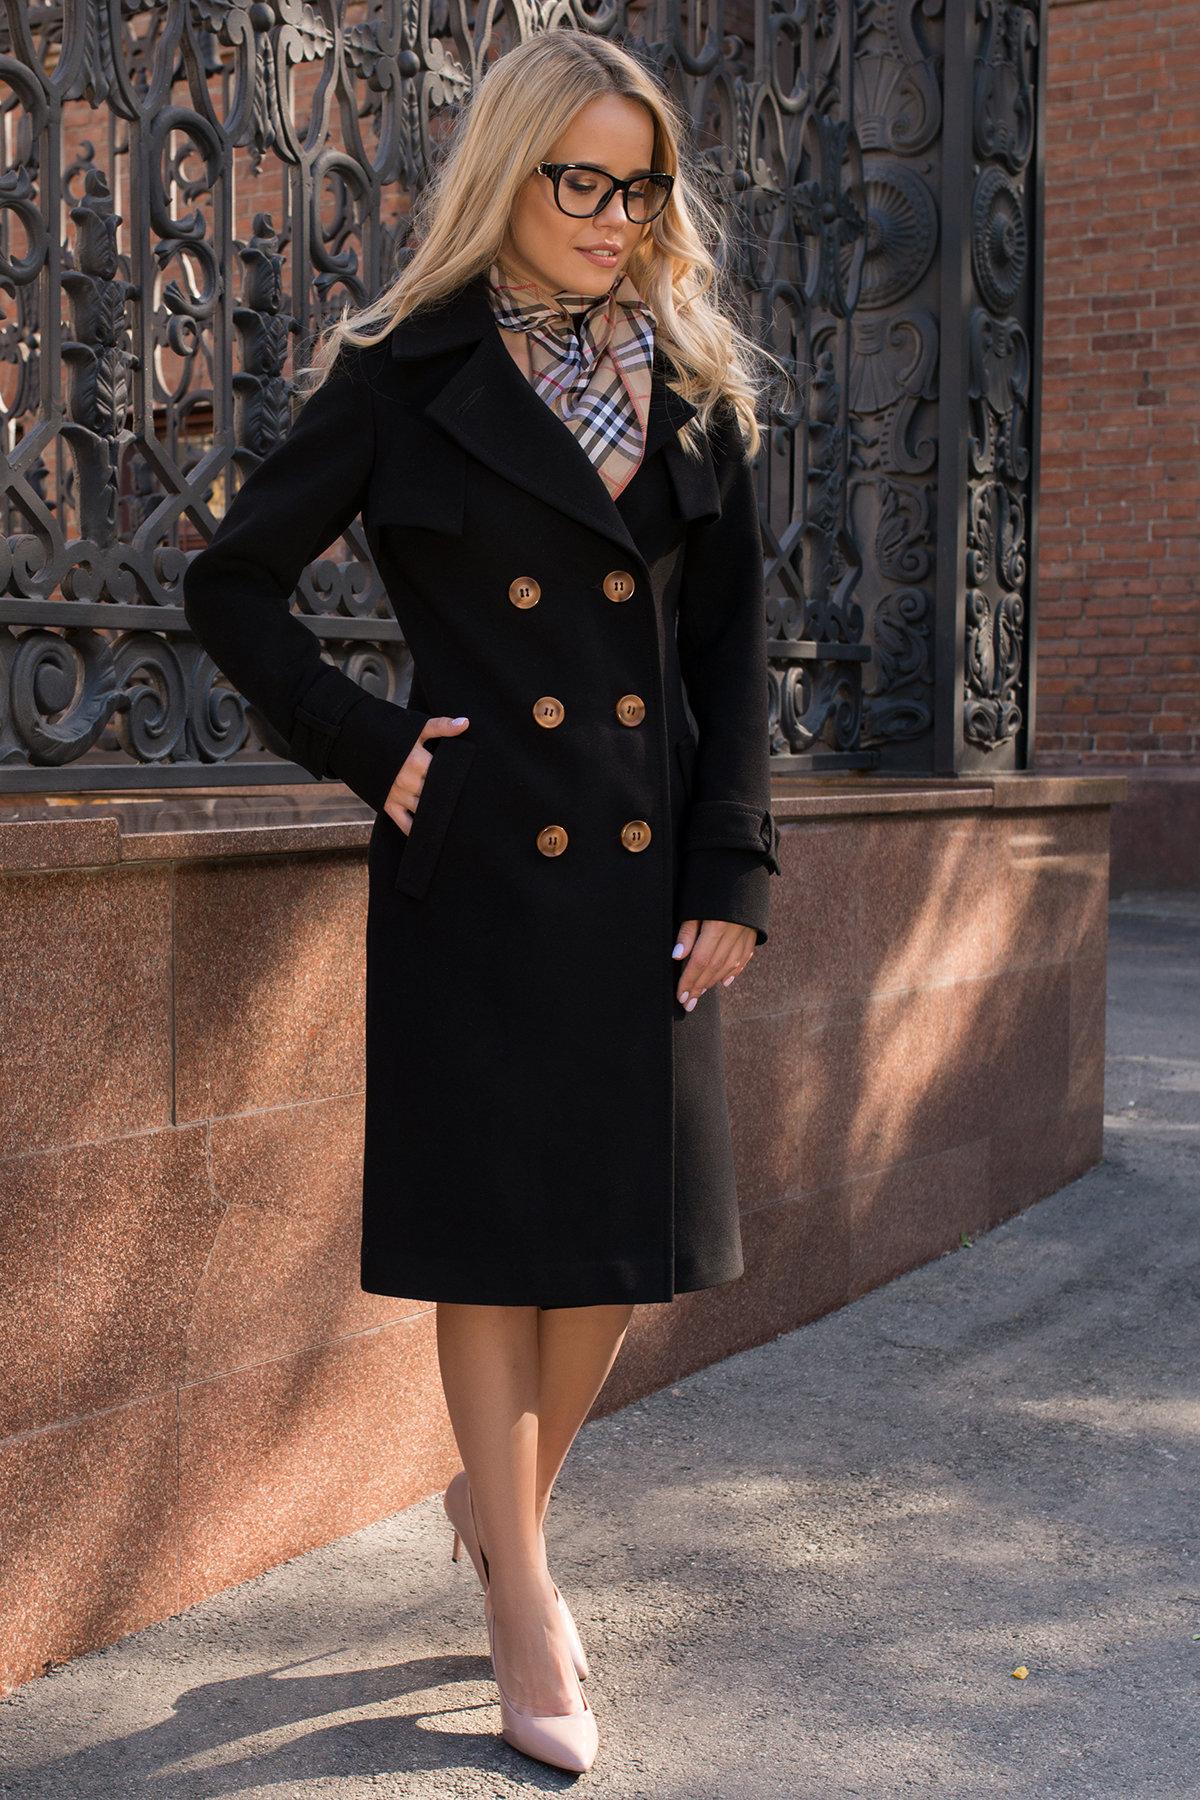 Черное двубортное пальто Монте 7947 АРТ. 43907 Цвет: Черный - фото 7, интернет магазин tm-modus.ru